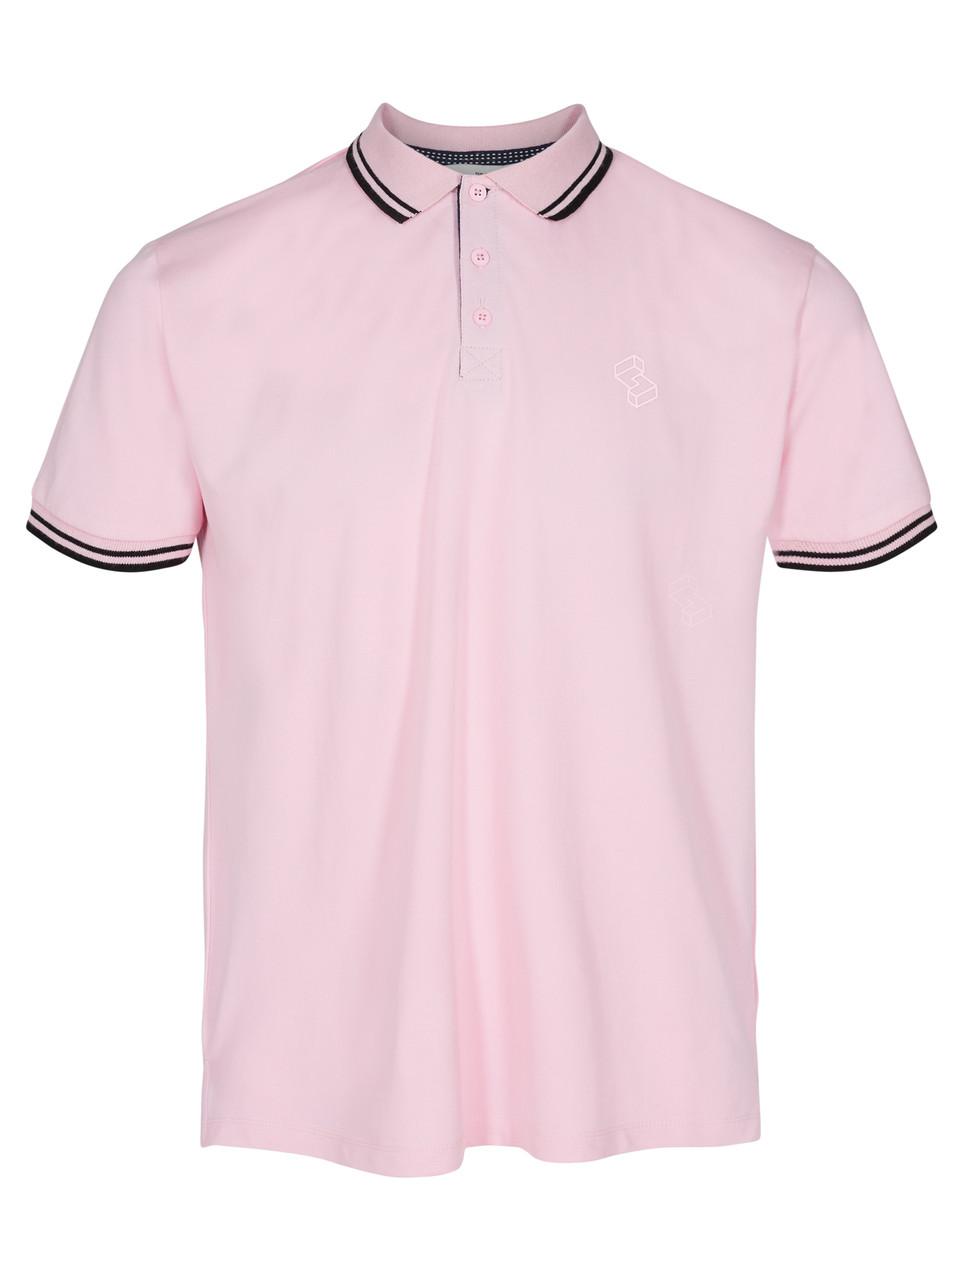 Мужская футболка поло Christopher SS Polo от Solid (Дания) в размере L